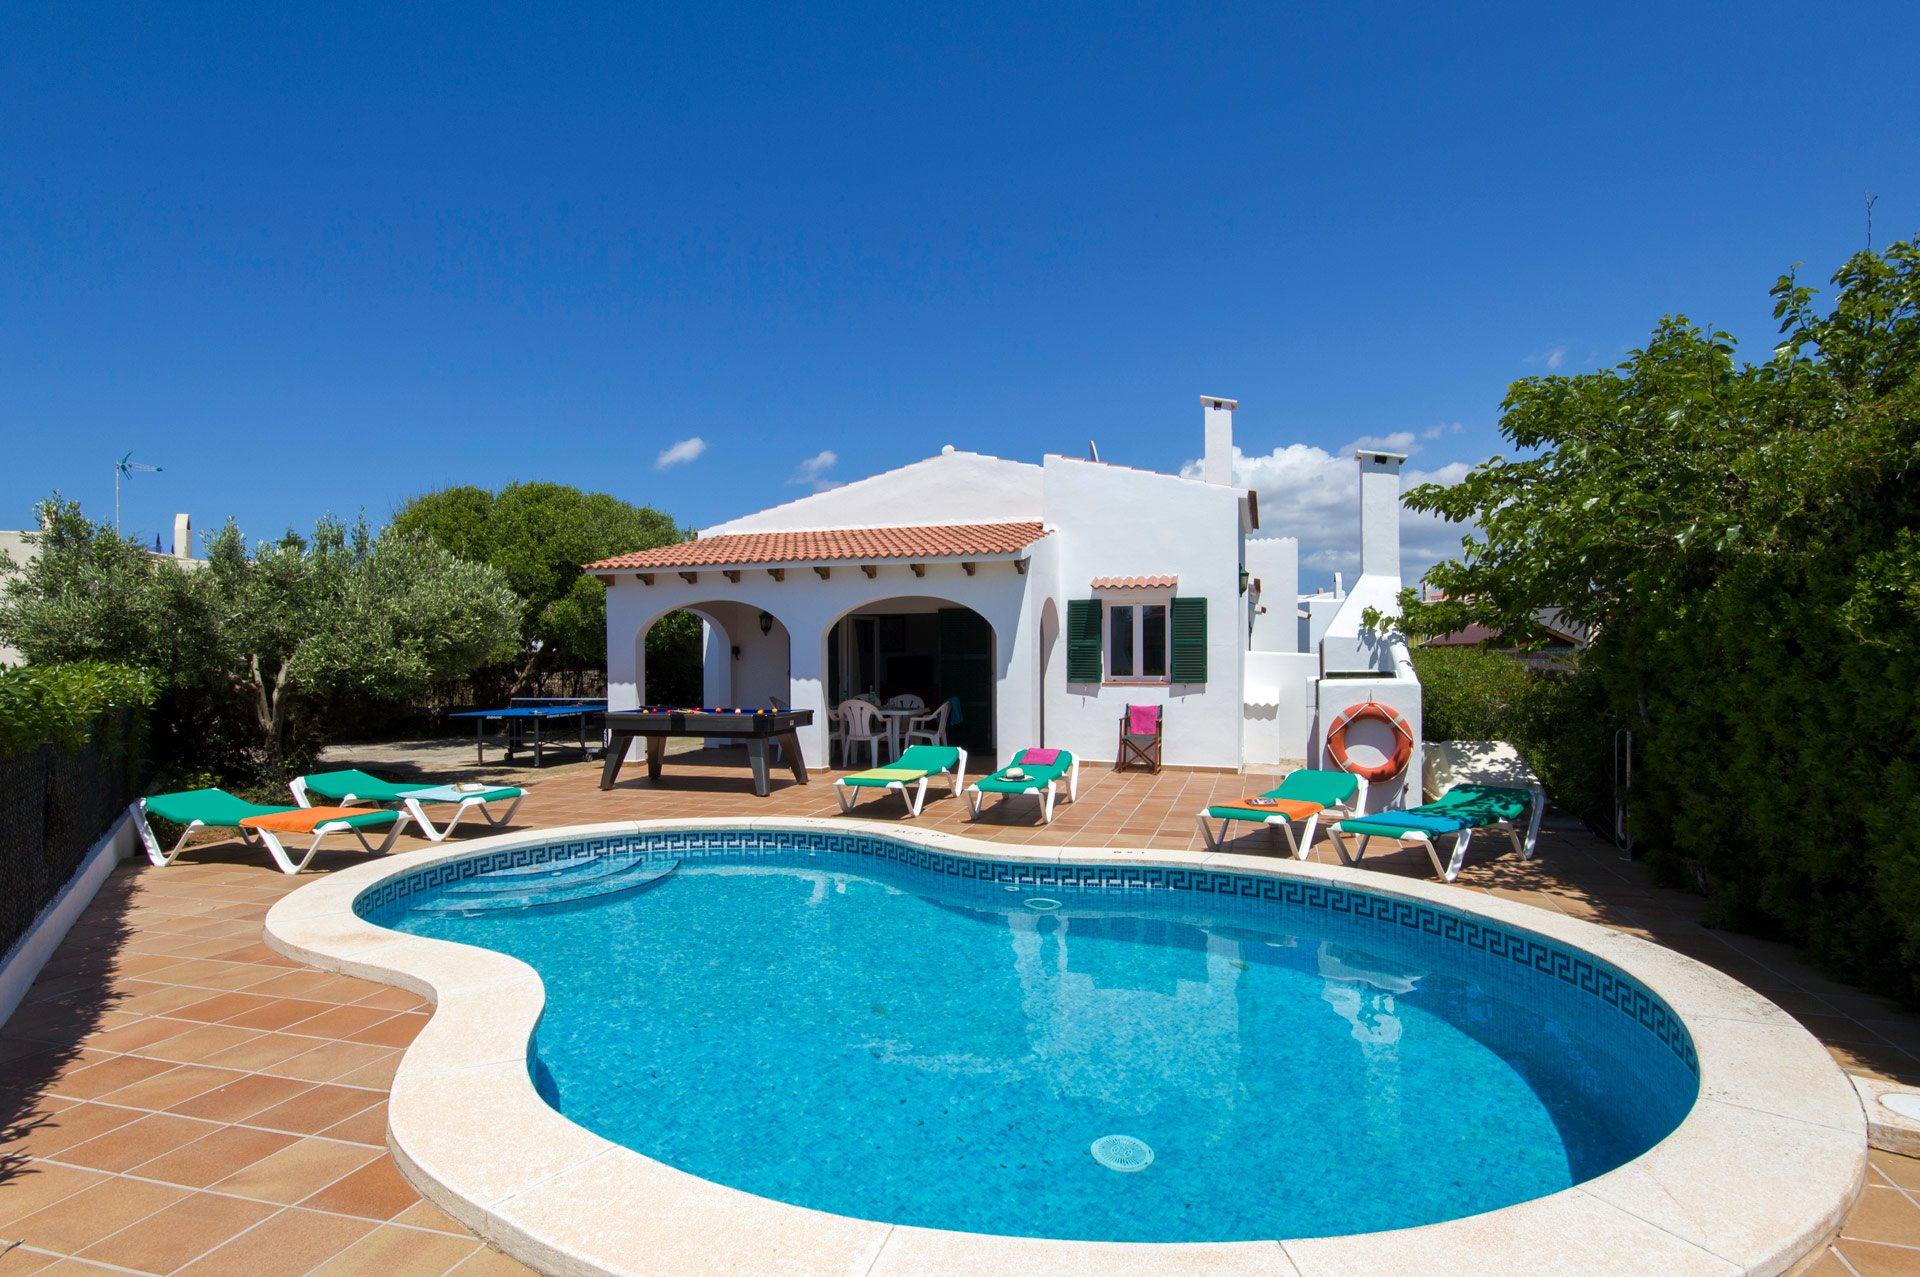 Villa Maria Forcat, Calan Forcat, Menorca, Spain